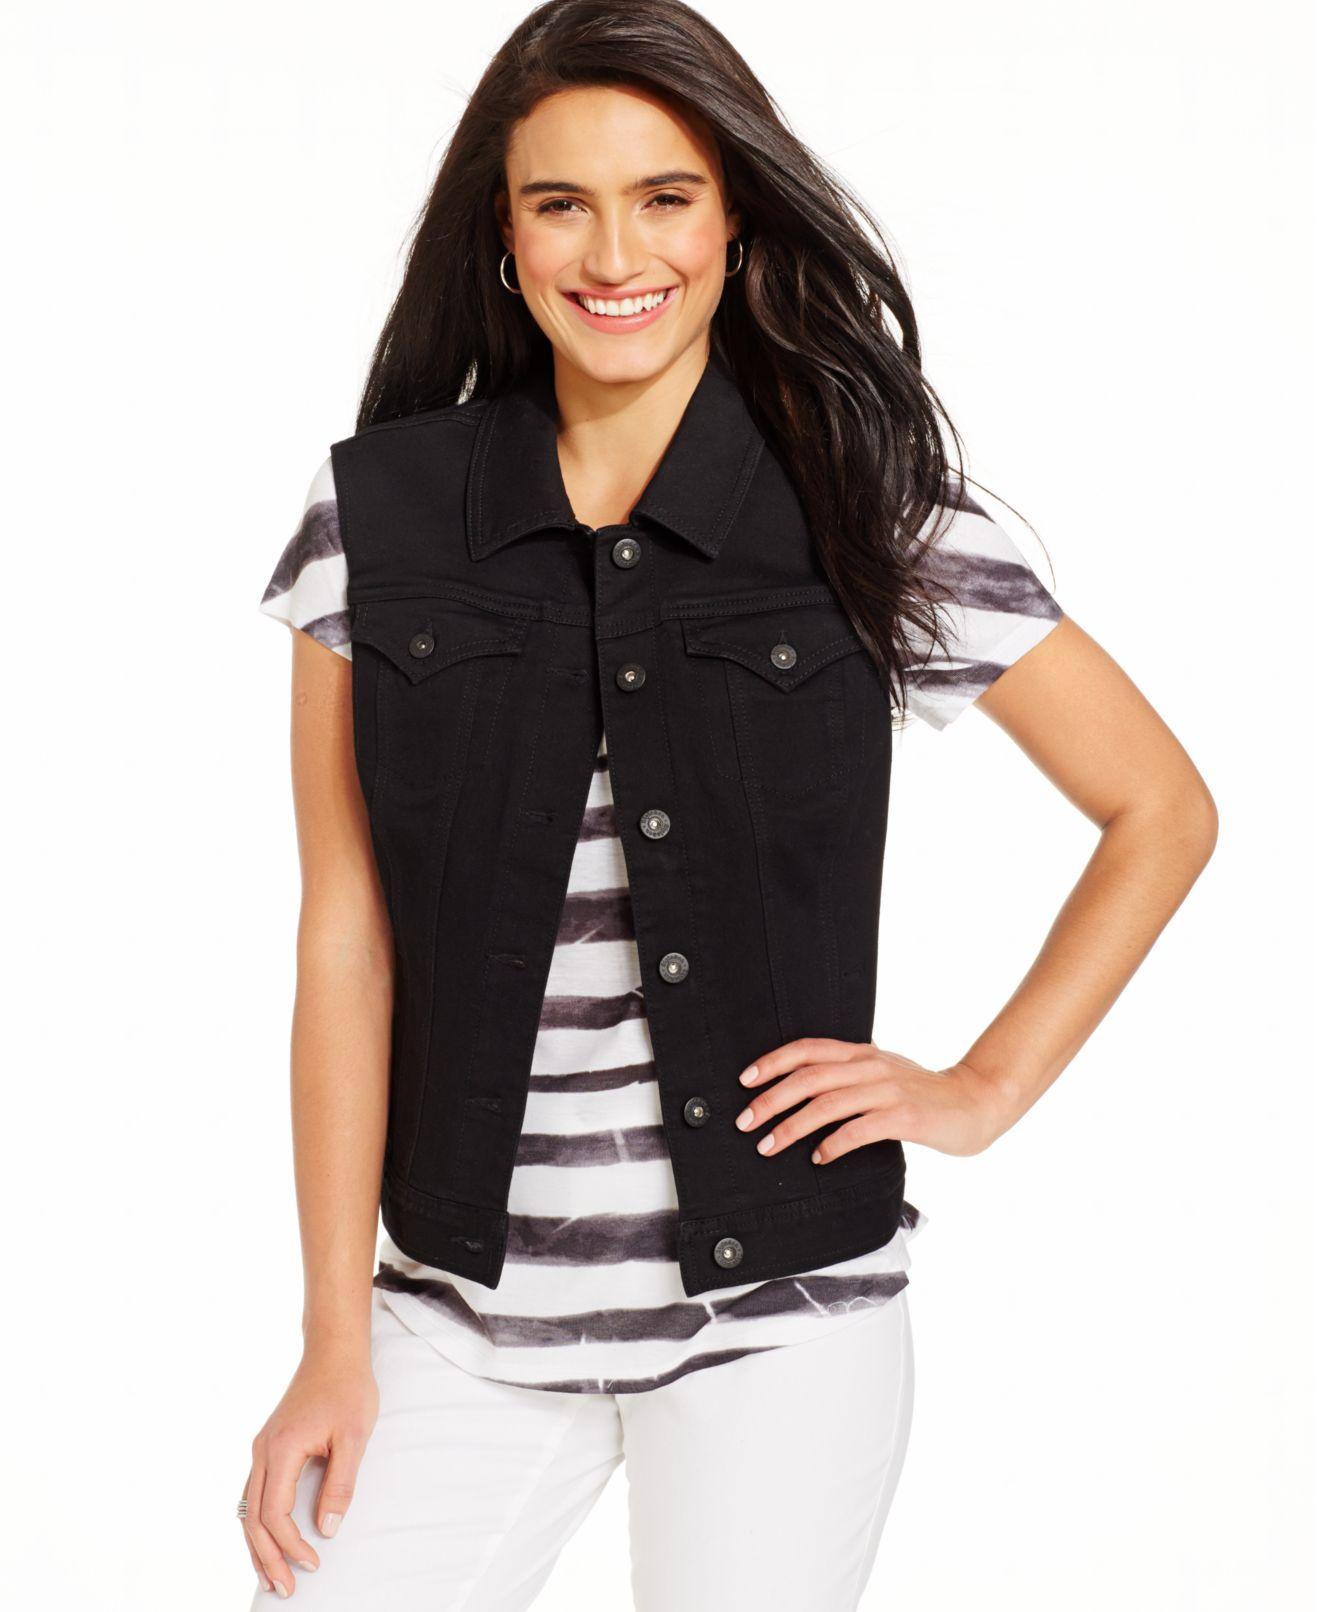 Denim sleeveless jacket for women